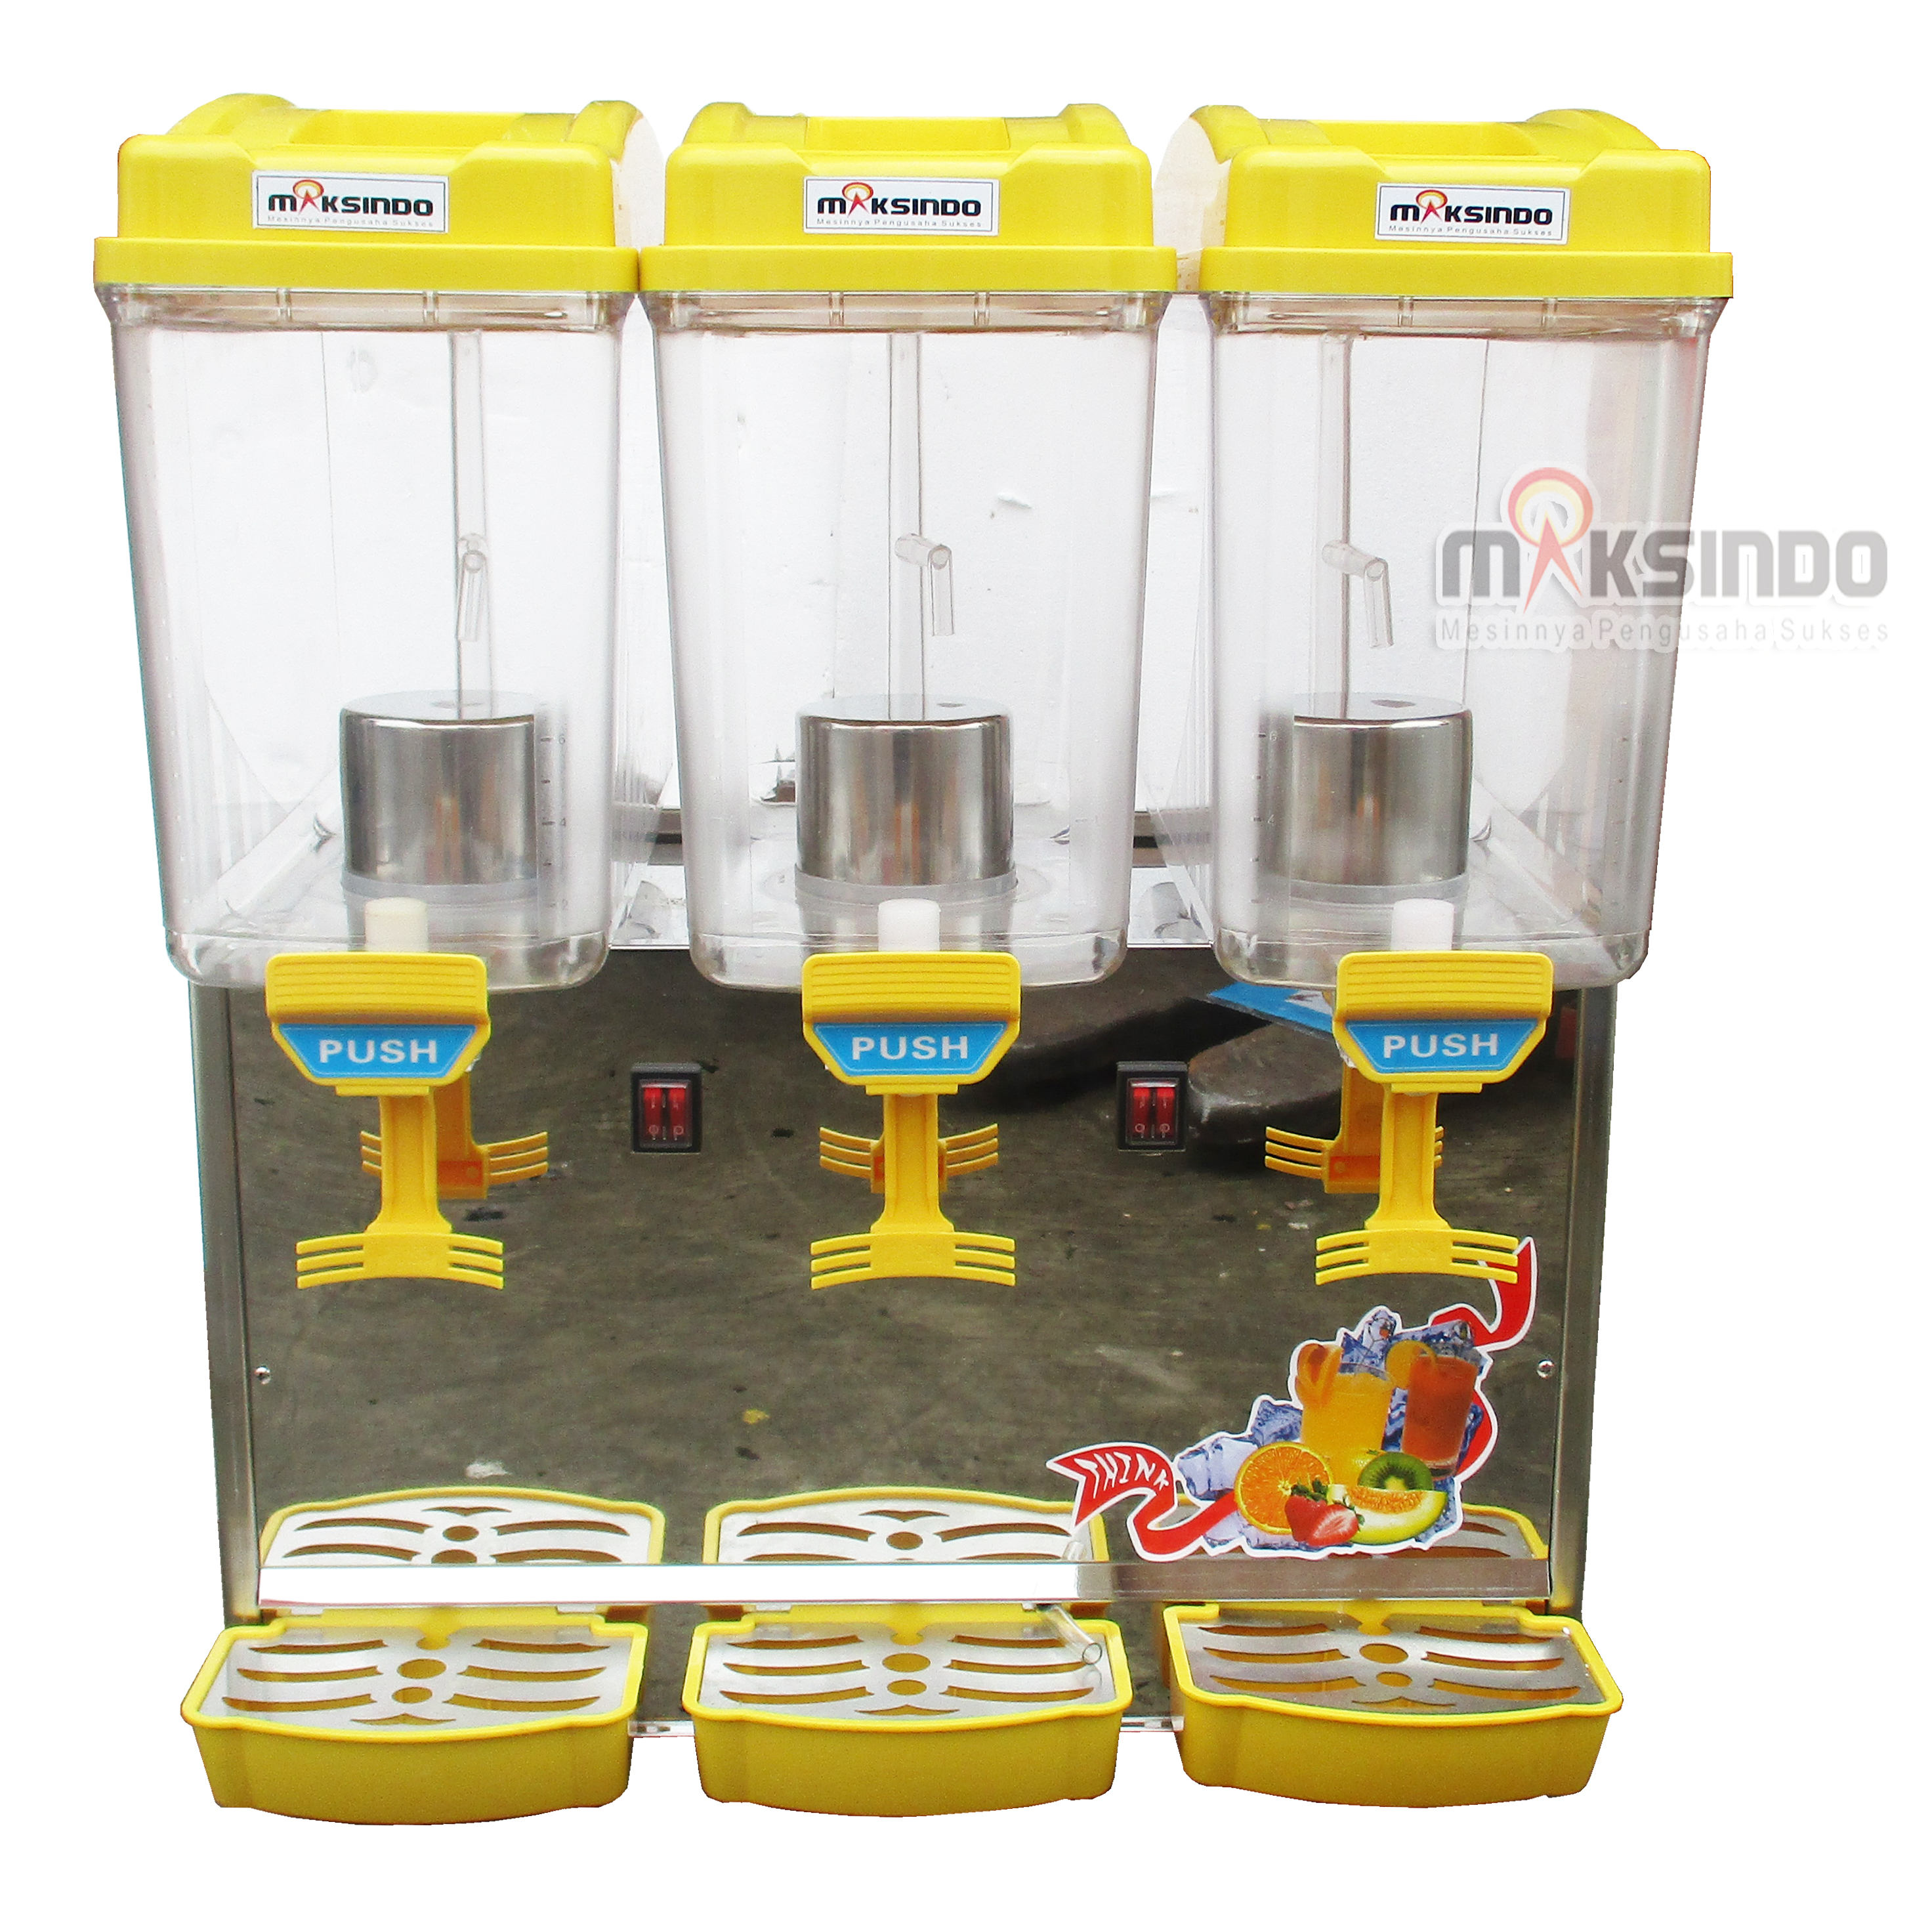 Jual Mesin Juice Dispenser 3 Tabung (17 Liter) – DSP17x3 di Malang